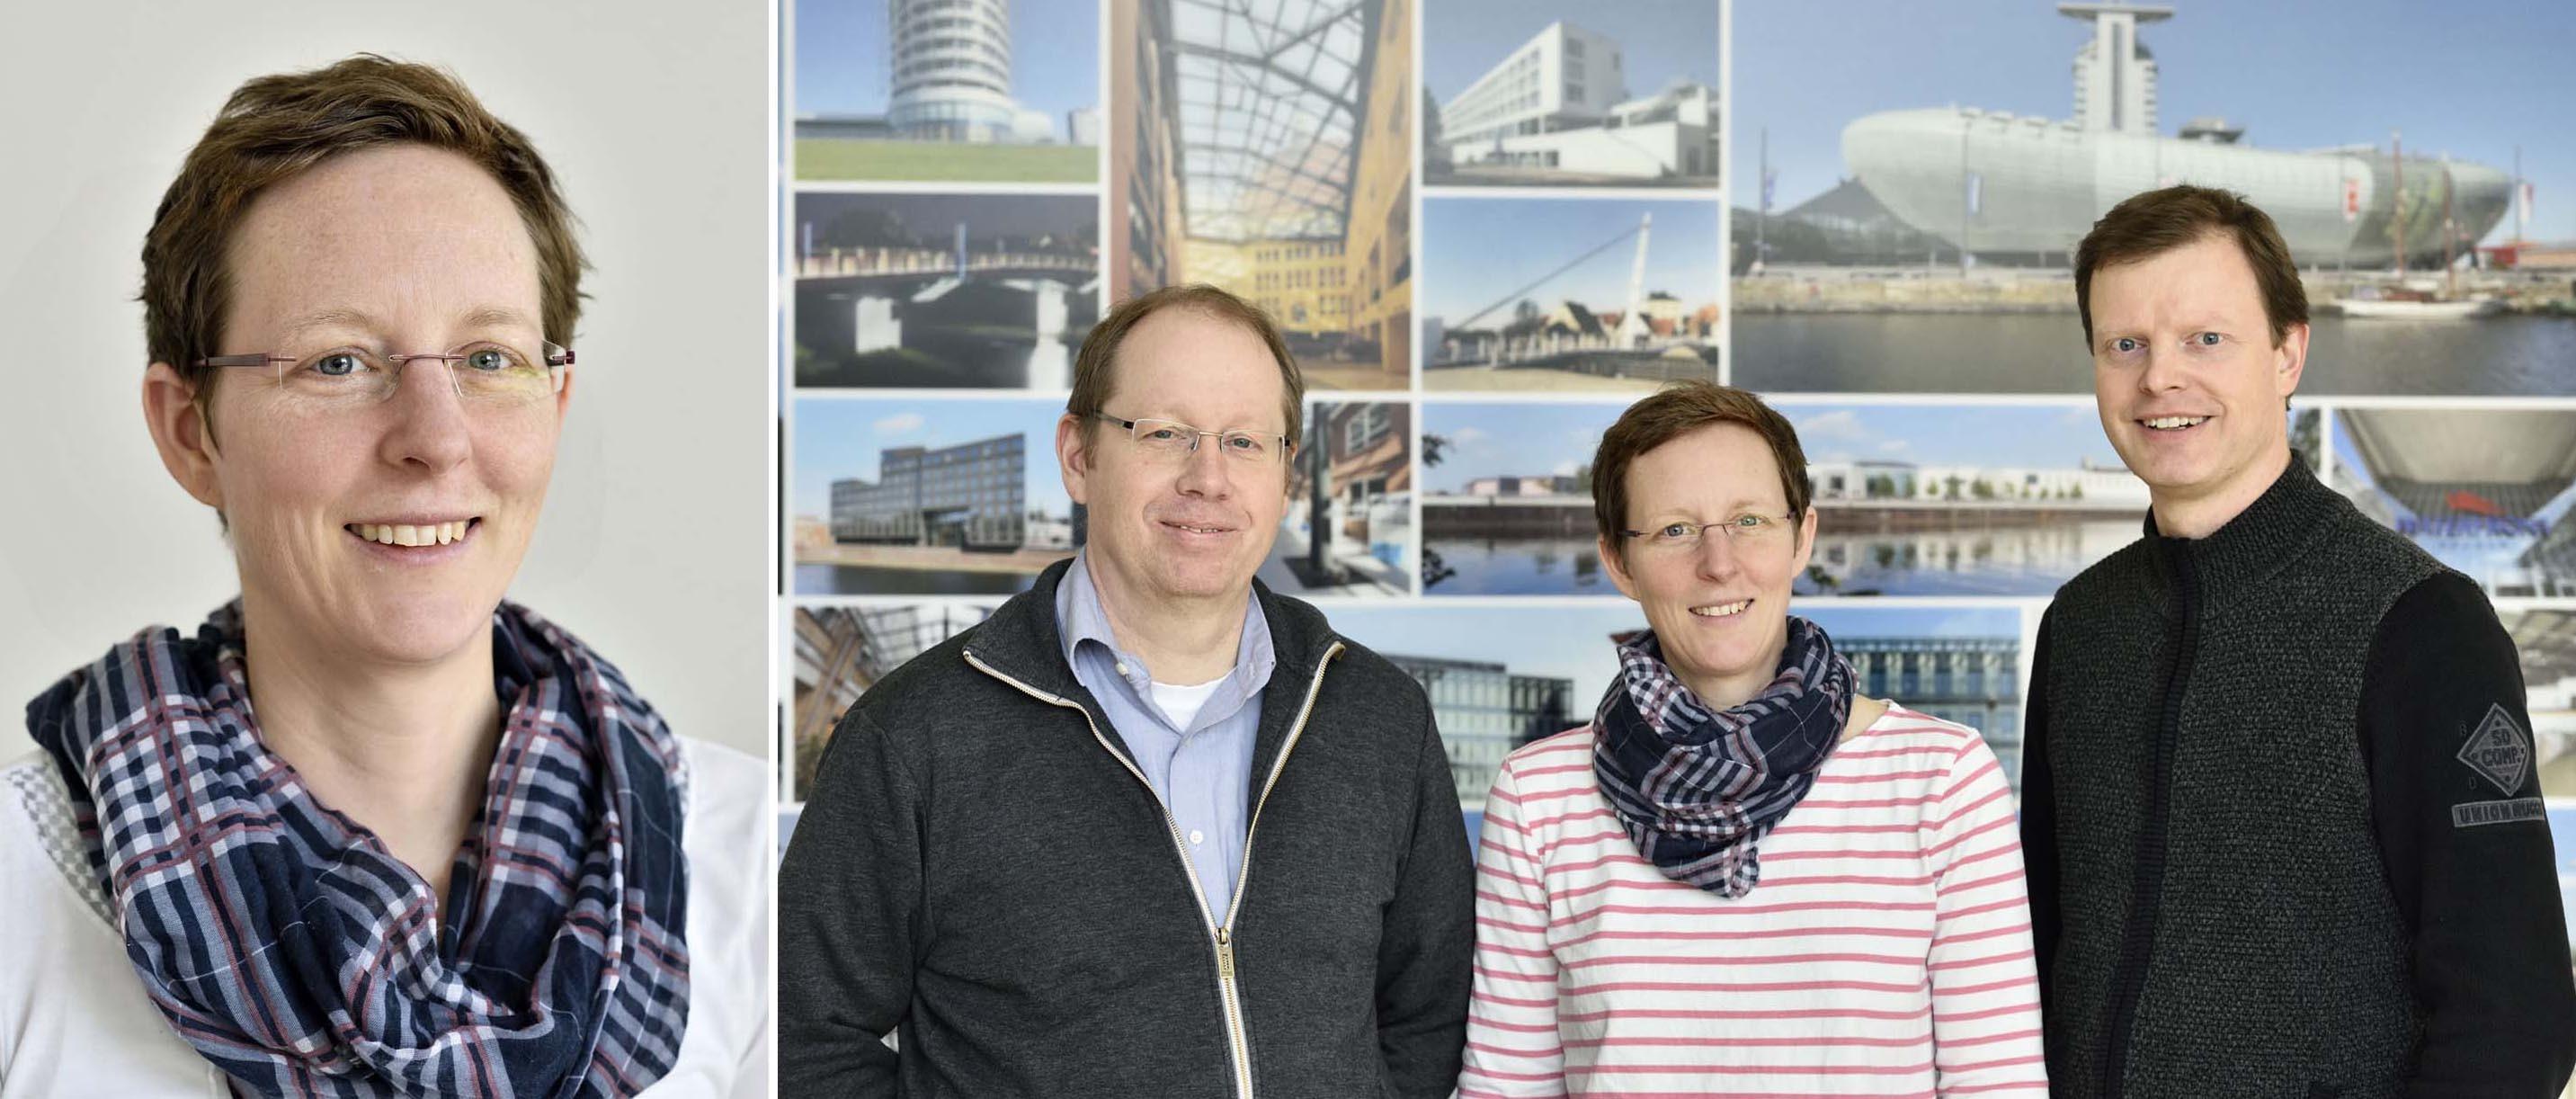 Dipl.-Ing. Susanne Häger: Dritte im Bunde bei pb+ mit Zertifikat für Bauwerksprüfung